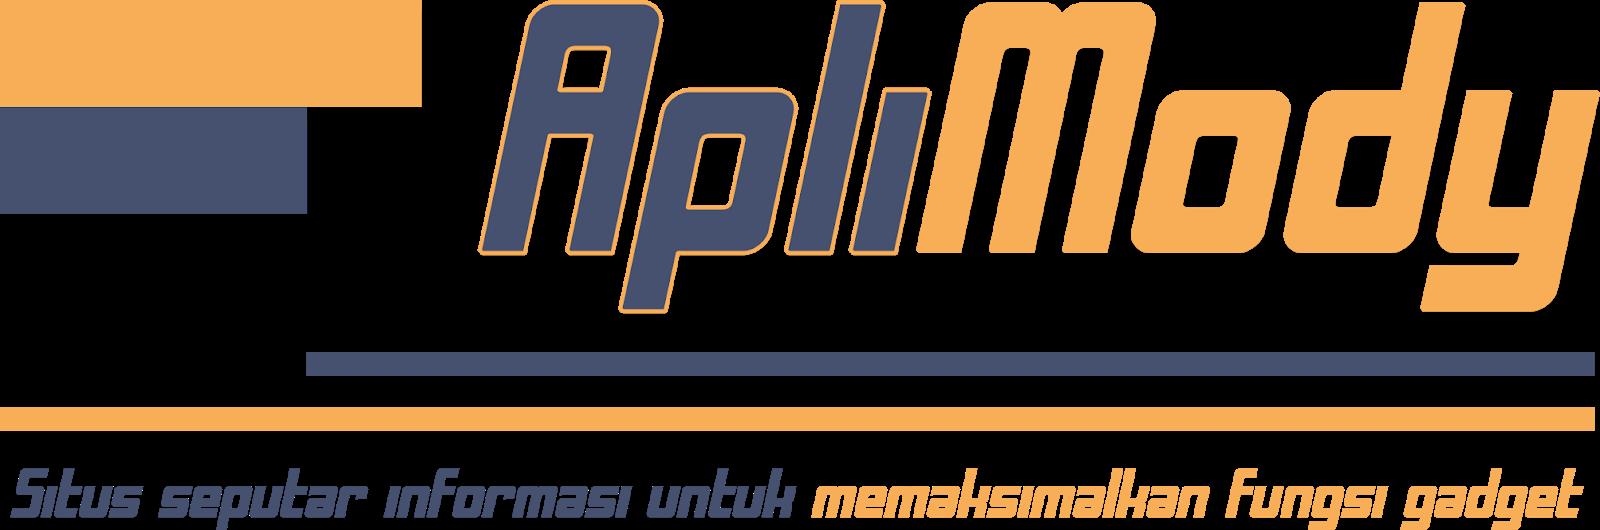 ApliMody | Situs seputar informasi untuk memaksimalkan fungsi gadget